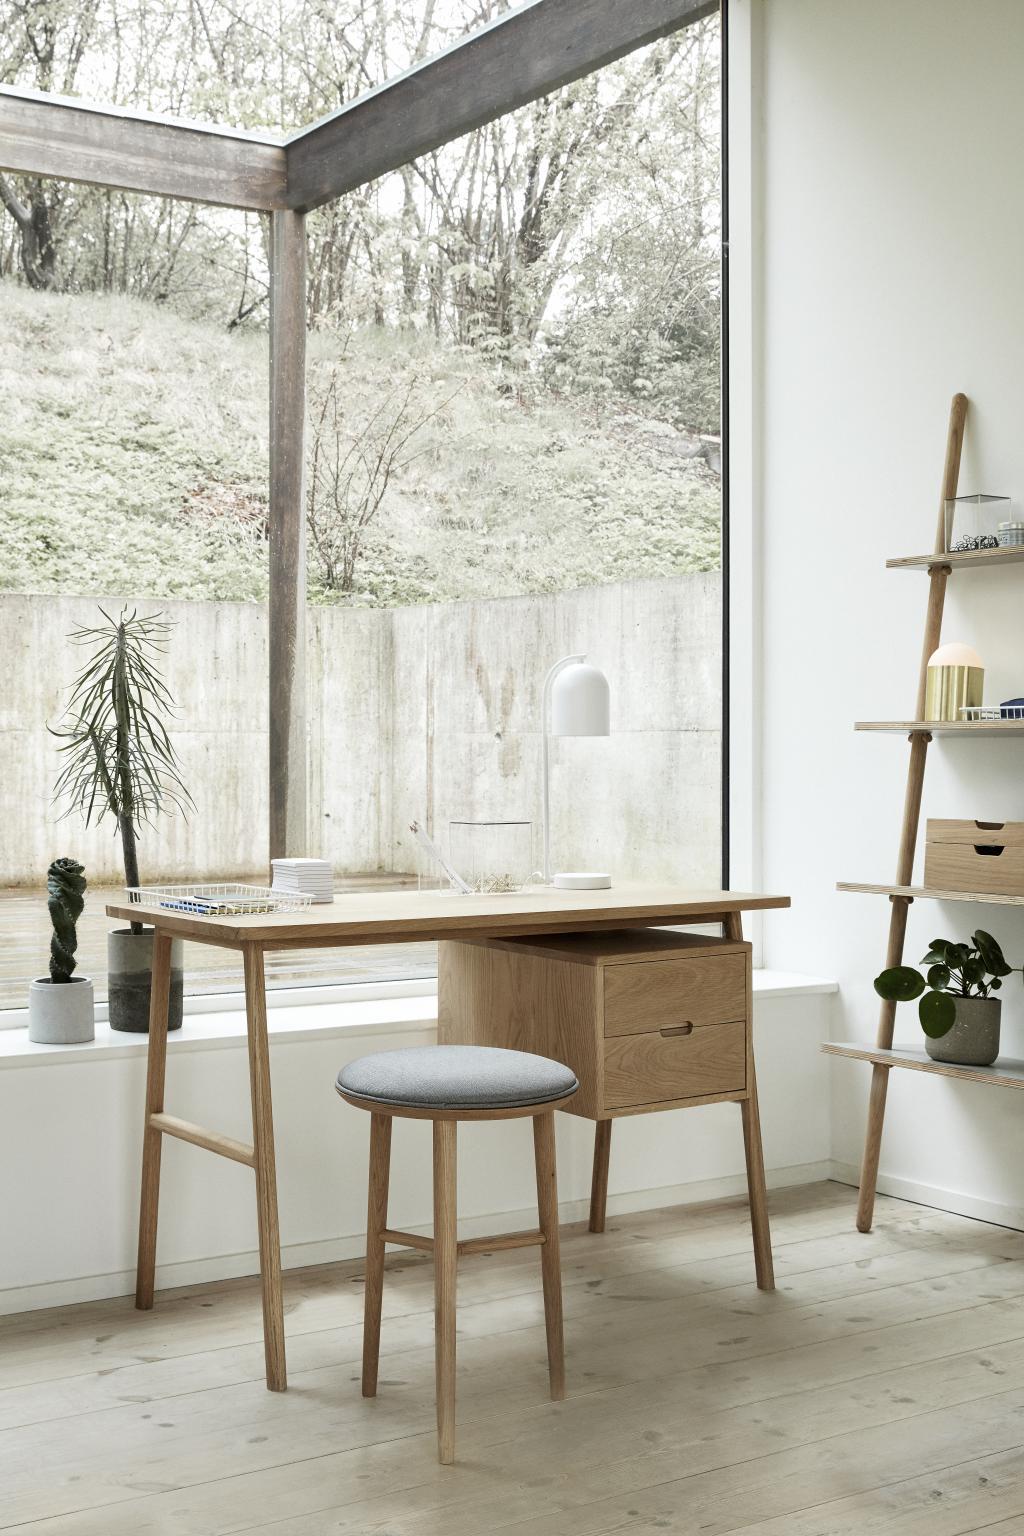 barhocker eiche mit kissen naturell h52 cm h bsch kaufen wohn und. Black Bedroom Furniture Sets. Home Design Ideas